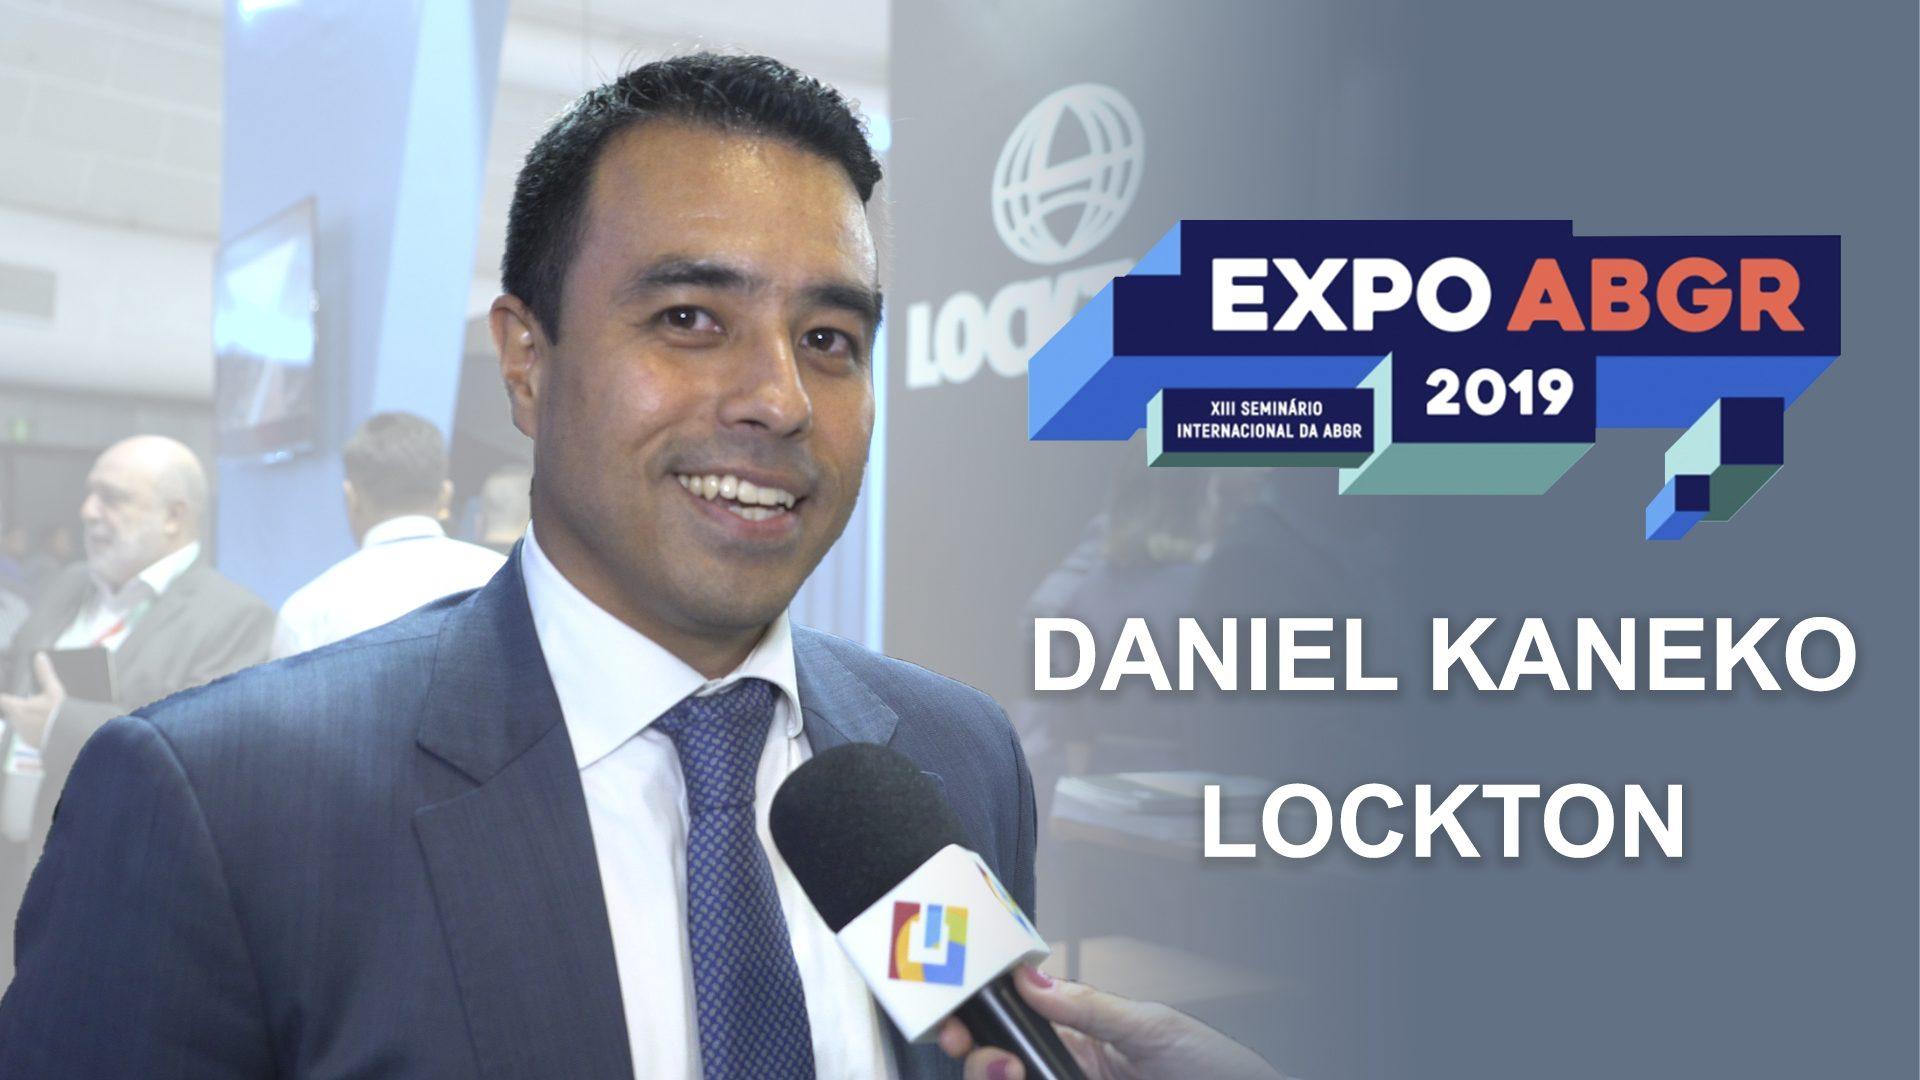 Daniel Kaneko – Lockton – ABGR